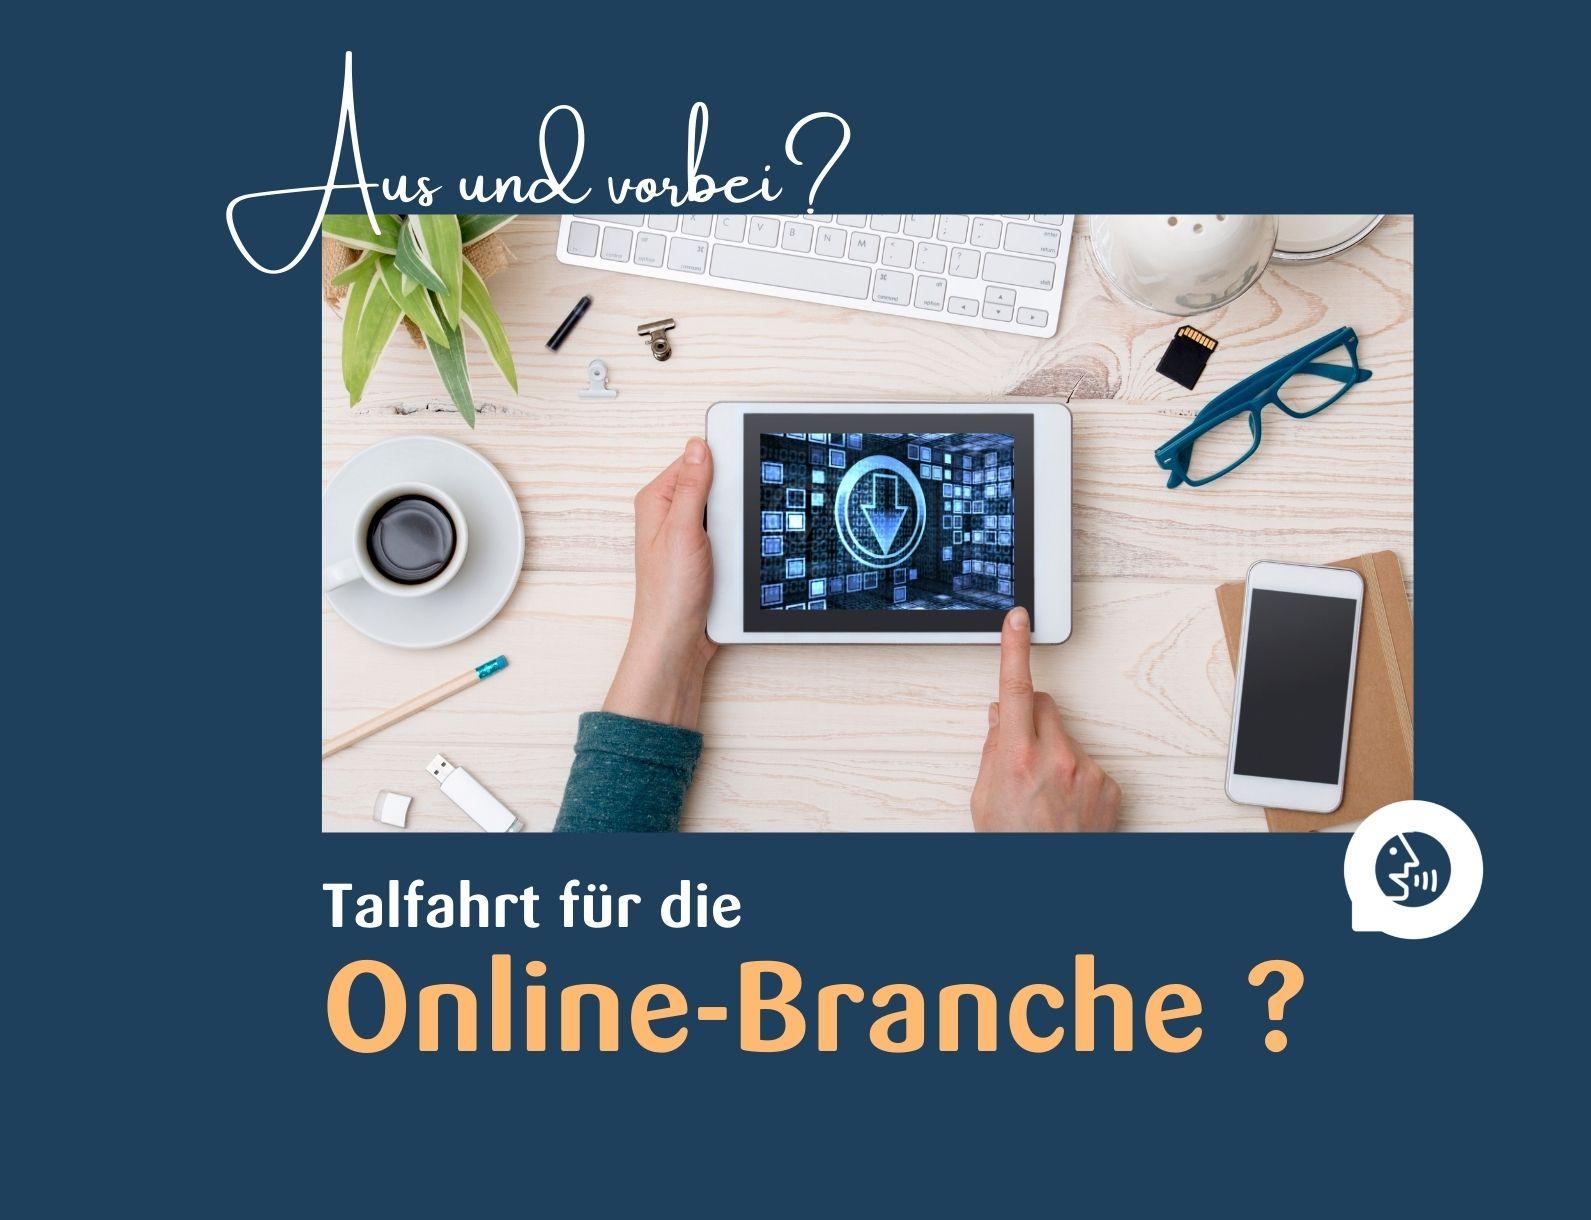 Die  Online-Branche auf Talfahrt